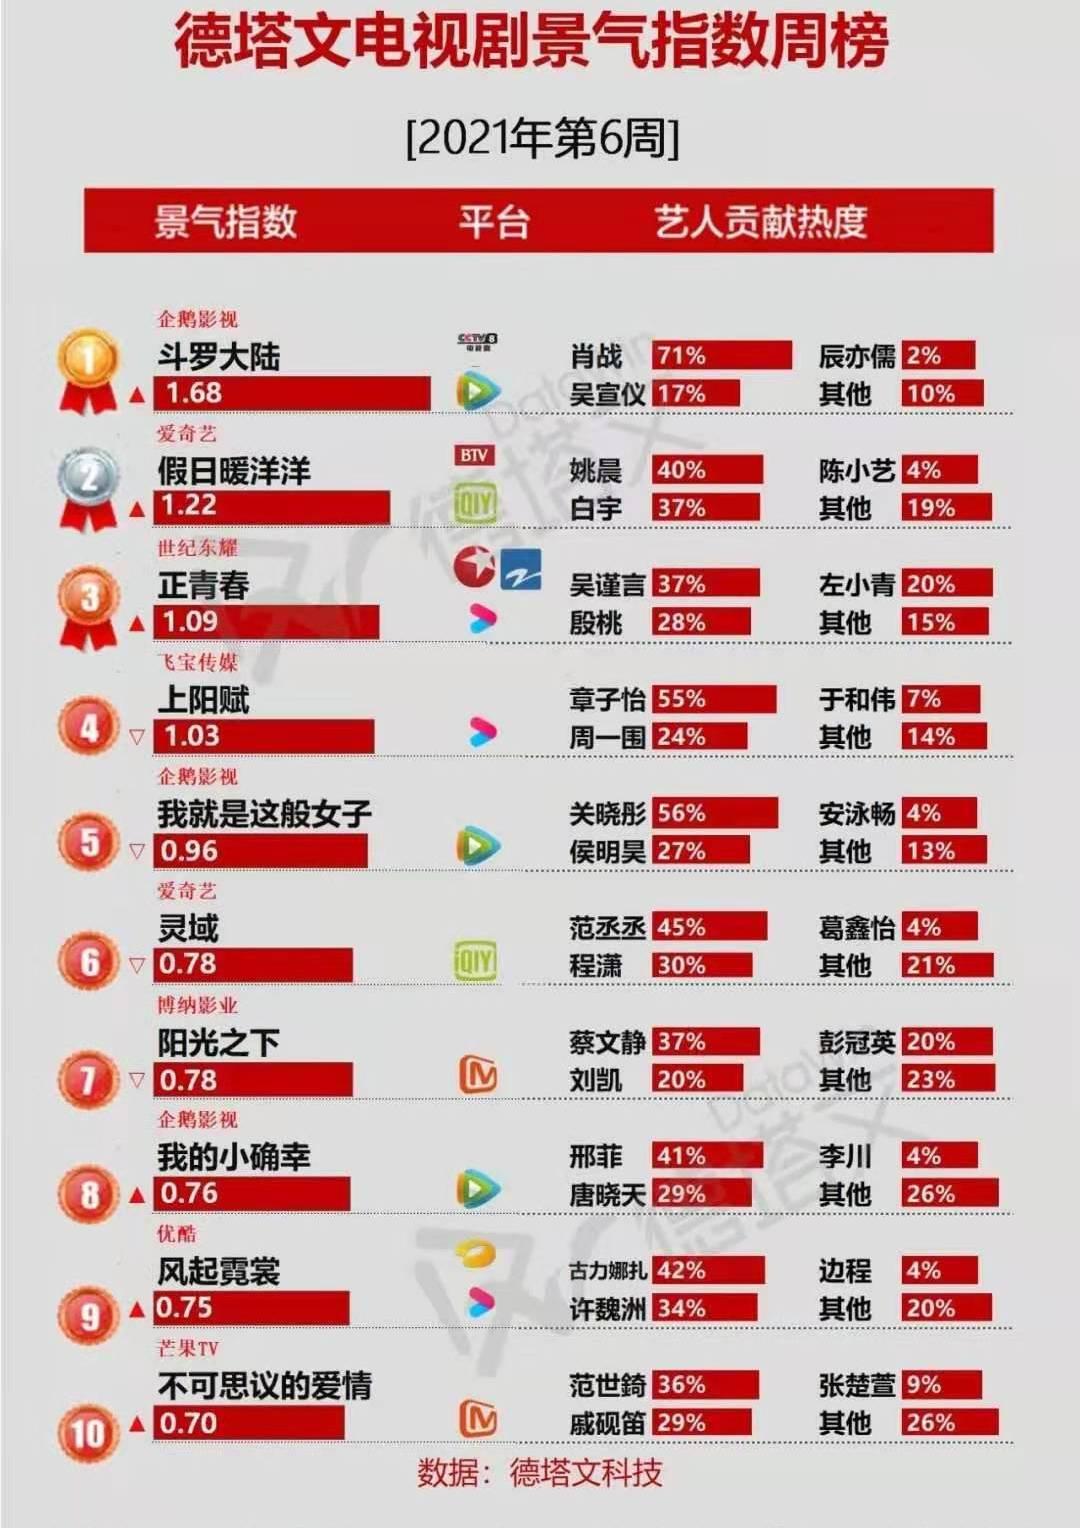 《鬥羅大陸》景氣指數周榜奪冠, 汪海林卻內涵內容太差一塌糊塗!-圖1